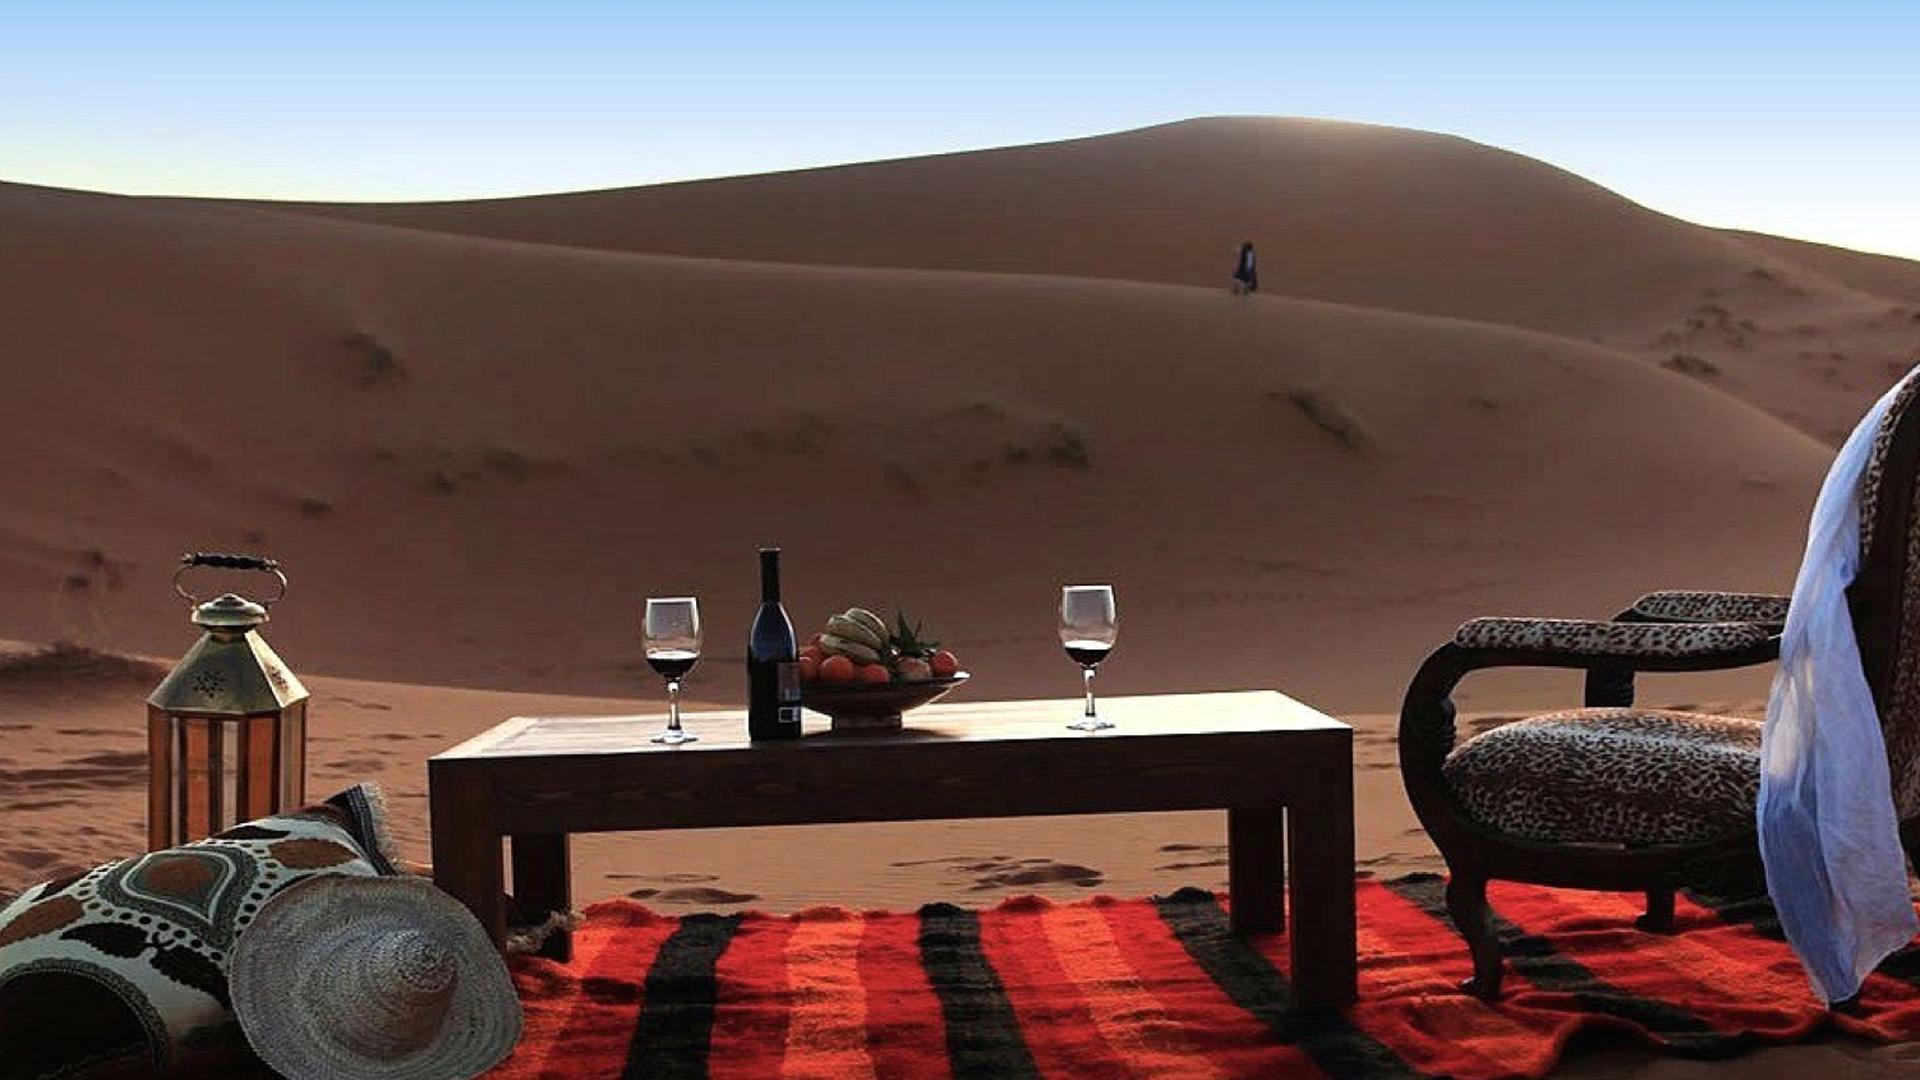 Luxus Life, experiencias exclusivas, experiencias vip, experiencias únicas, deportes, moda, alfombras rojas, galas, chefs reconocidos, accesos a palacios